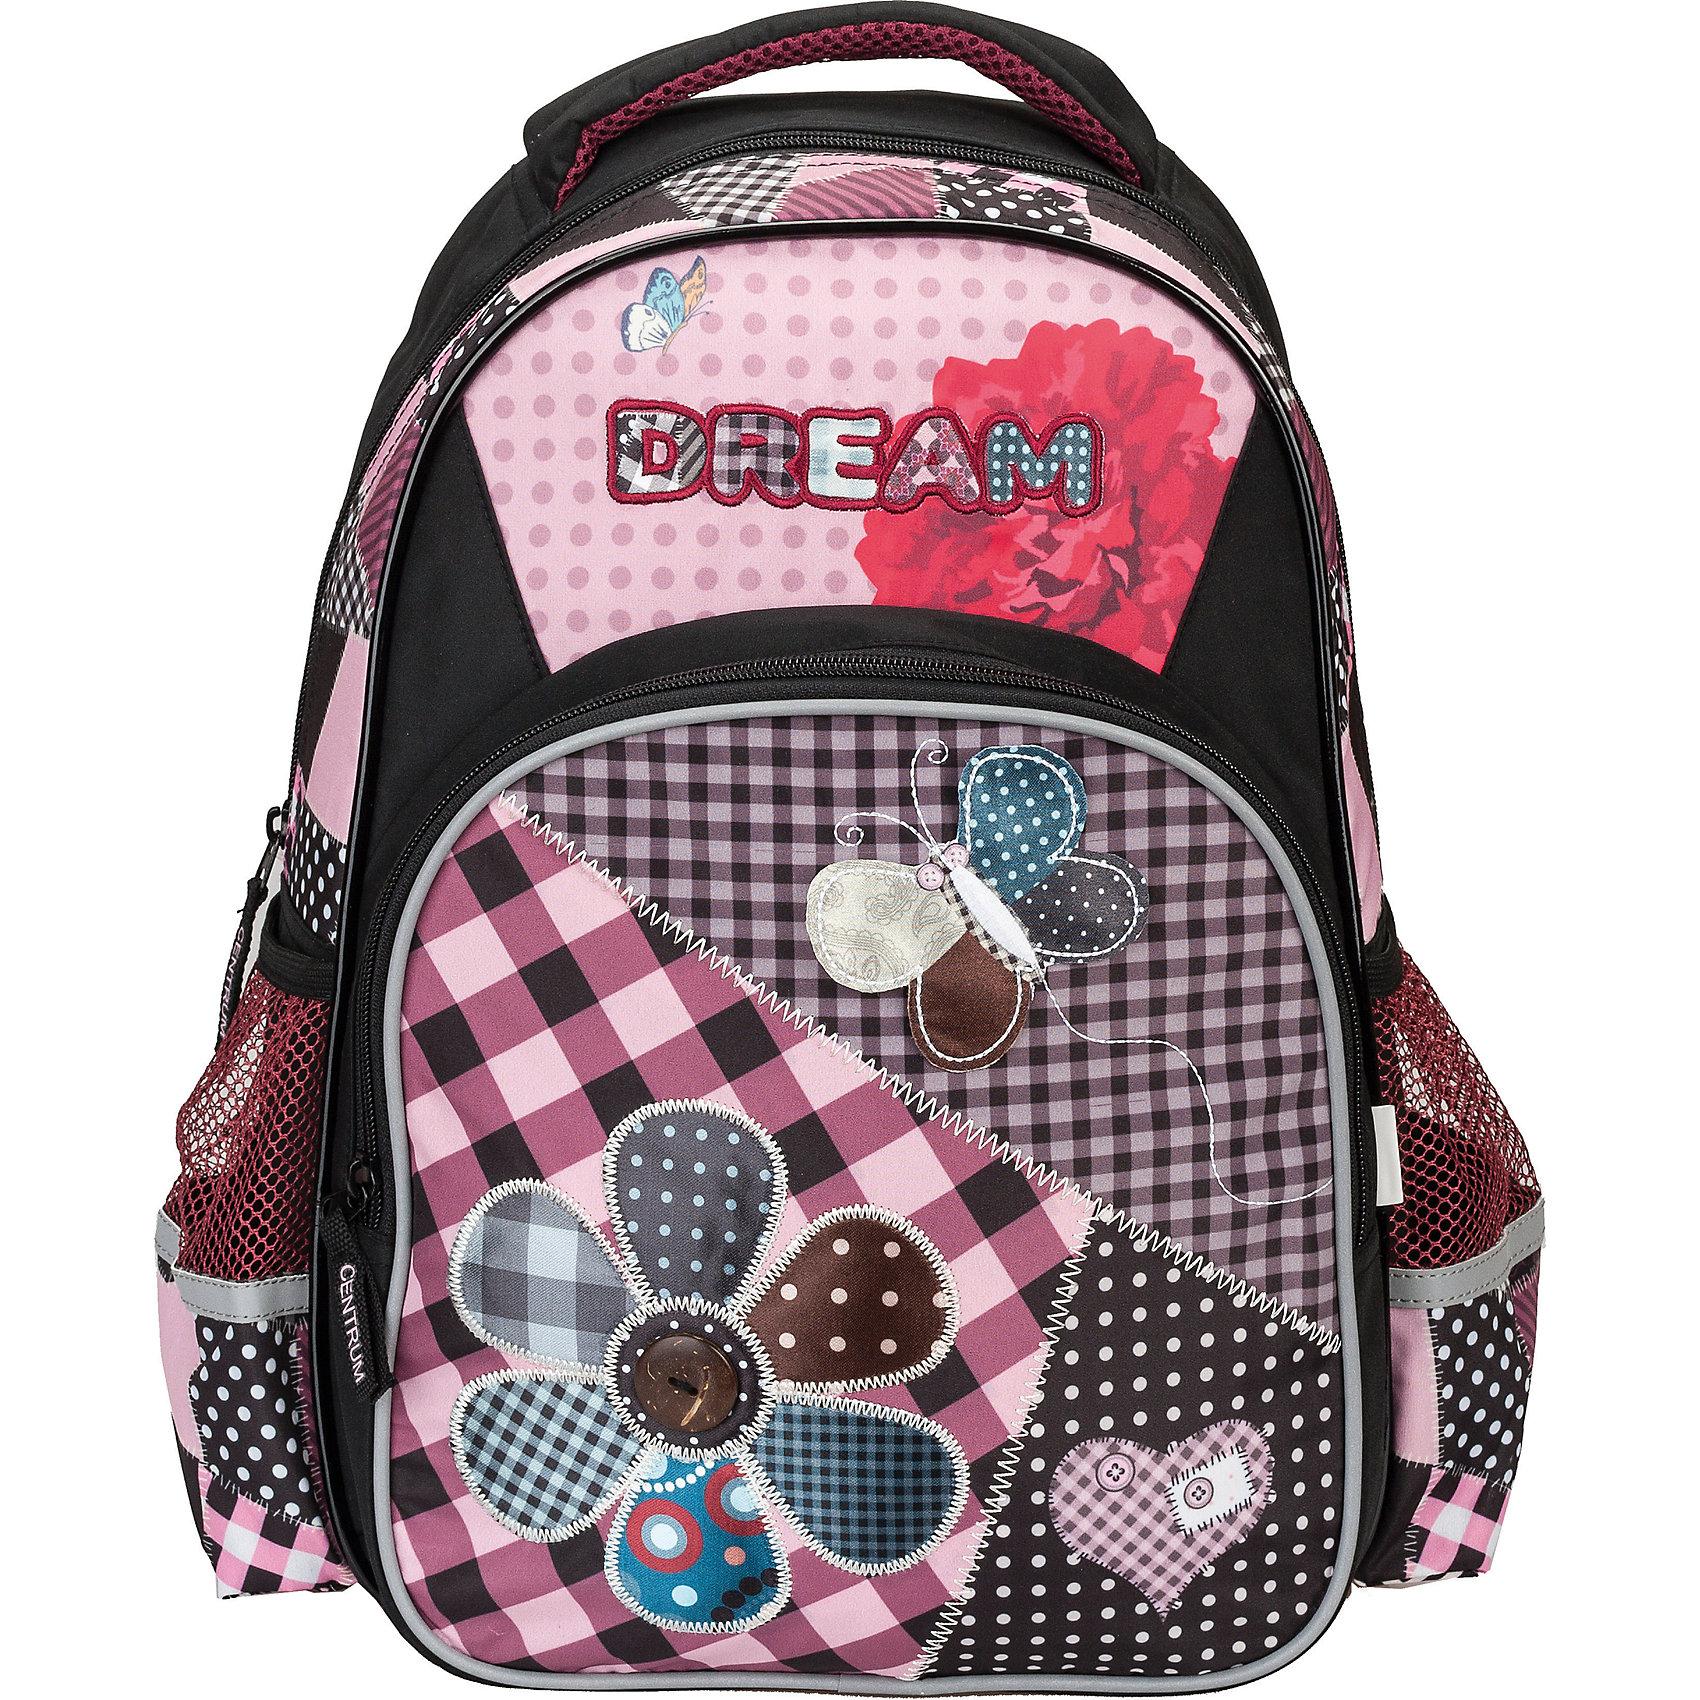 Школьный рюкзак с уплотненной спинкой и светоотражателямиРюкзак с уплотненной спинкой и светоотражателями, 40,5х30,5х13 см - этот яркий рюкзак вместит все, что нужно для успешного учебного дня.<br>Удобный рюкзак для повседневного использования выполнен из прочной долговечной ткани. Уплотненная спинка рюкзака не позволит ребенку устать. Широкие, мягкие, регулируемые лямки помогают равномерно распределить нагрузку по всей спине. Светоотражатели сделают Вашего ребенка заметным на дороге в темное время суток. У рюкзака имеется одно вместительное отделение, два боковых кармана и один внешний большой карман, закрывающийся на застежку-молнию. Для переноски рюкзака в руках предусмотрена ручка-петля.<br><br>Дополнительная информация:<br><br>- Материал: полиэстер<br>- Размер: 40,5х30,5х13 см.<br>- Вес: 570 гр.<br><br>Рюкзак с уплотненной спинкой и светоотражателями, 40,5х30,5х13 см можно купить в нашем интернет-магазине.<br><br>Ширина мм: 130<br>Глубина мм: 305<br>Высота мм: 405<br>Вес г: 570<br>Возраст от месяцев: 36<br>Возраст до месяцев: 120<br>Пол: Женский<br>Возраст: Детский<br>SKU: 4098805